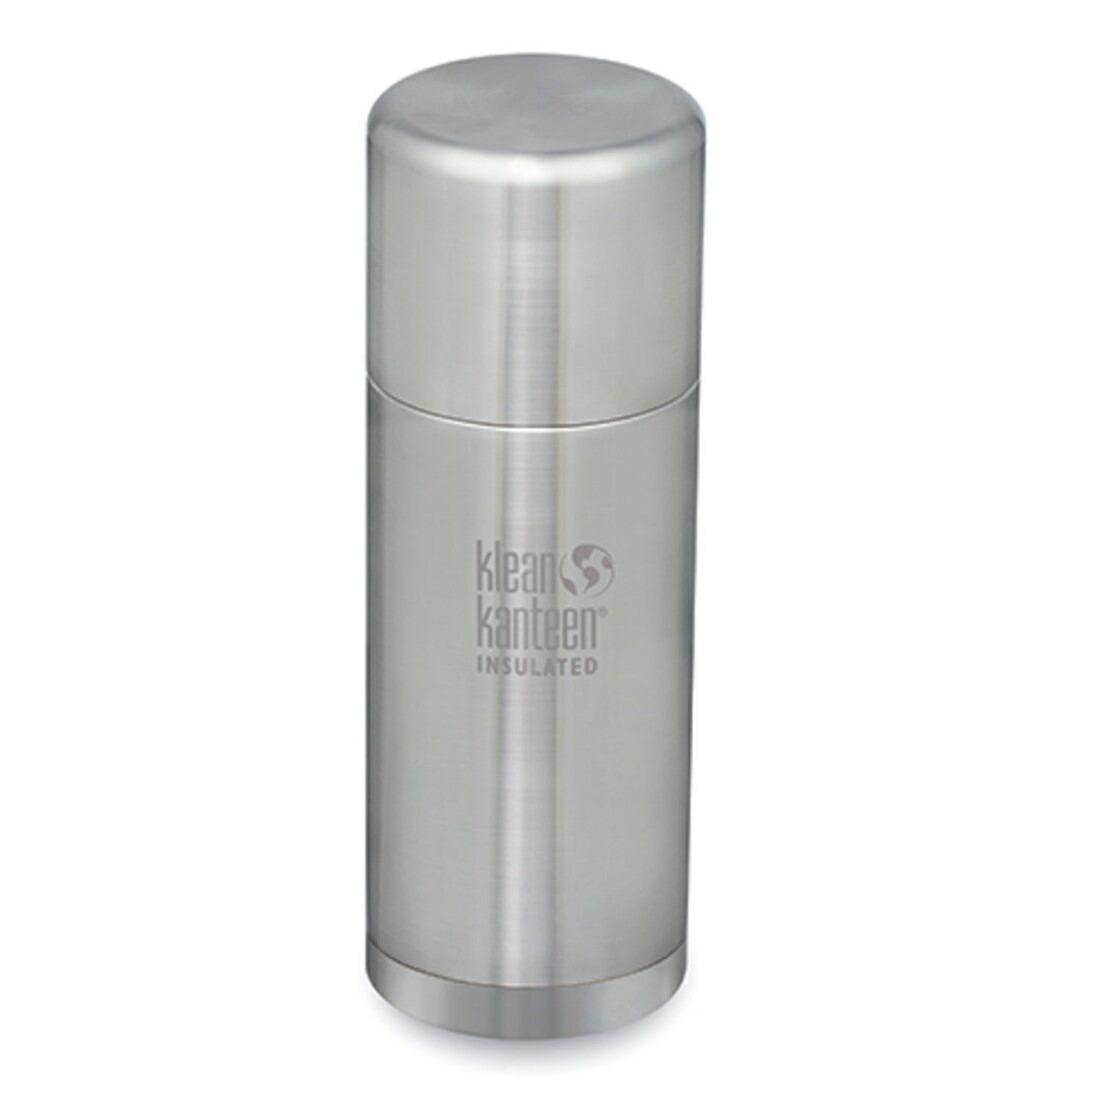 クリーンカンティーン TKPro 0.75L 保冷保温ボトル水筒 750ml 保温 コップ付き マグボトル TKプロ  国内正規品